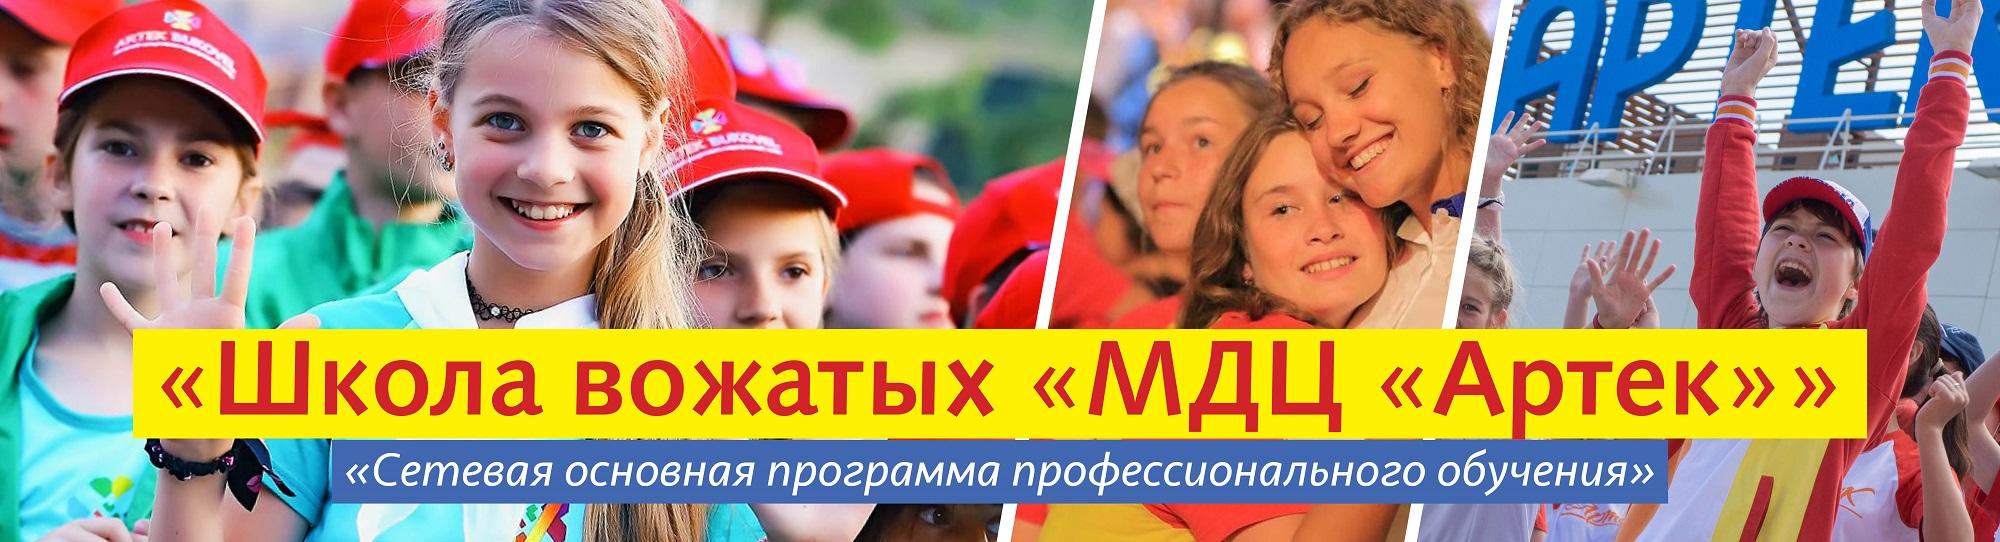 Школа вожатых-МДЦ-Артек-1